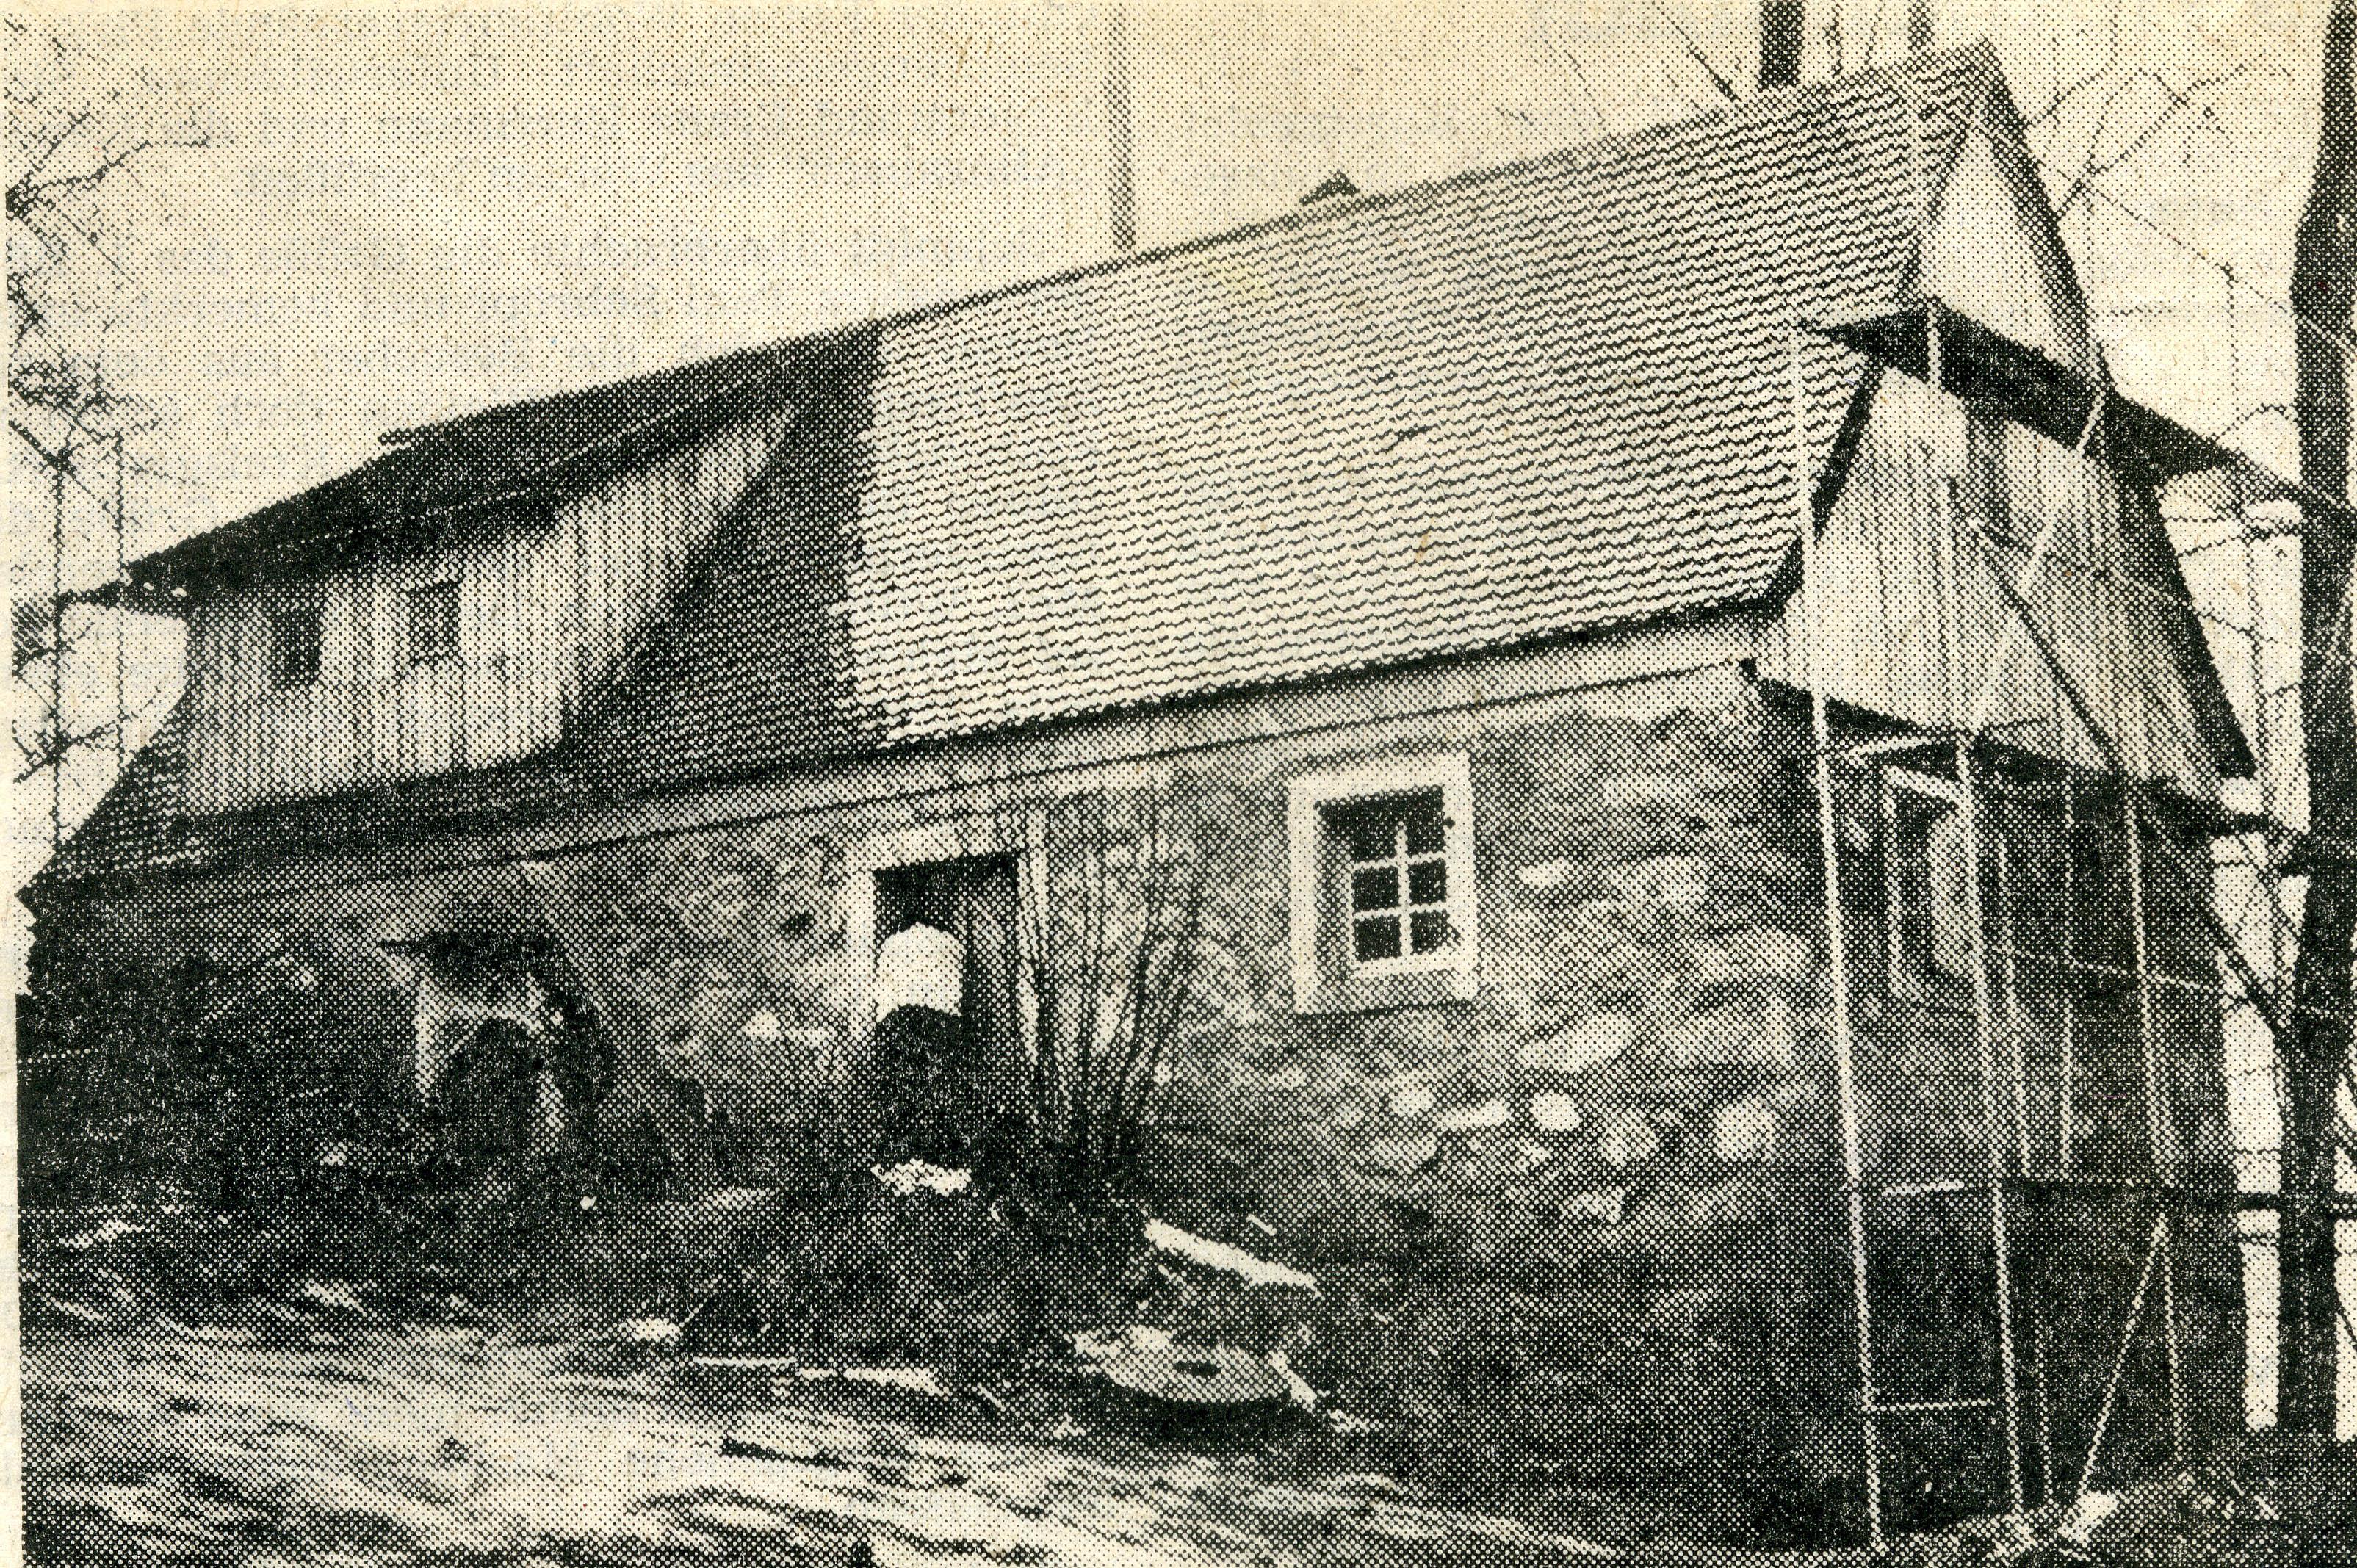 Mühle 1975